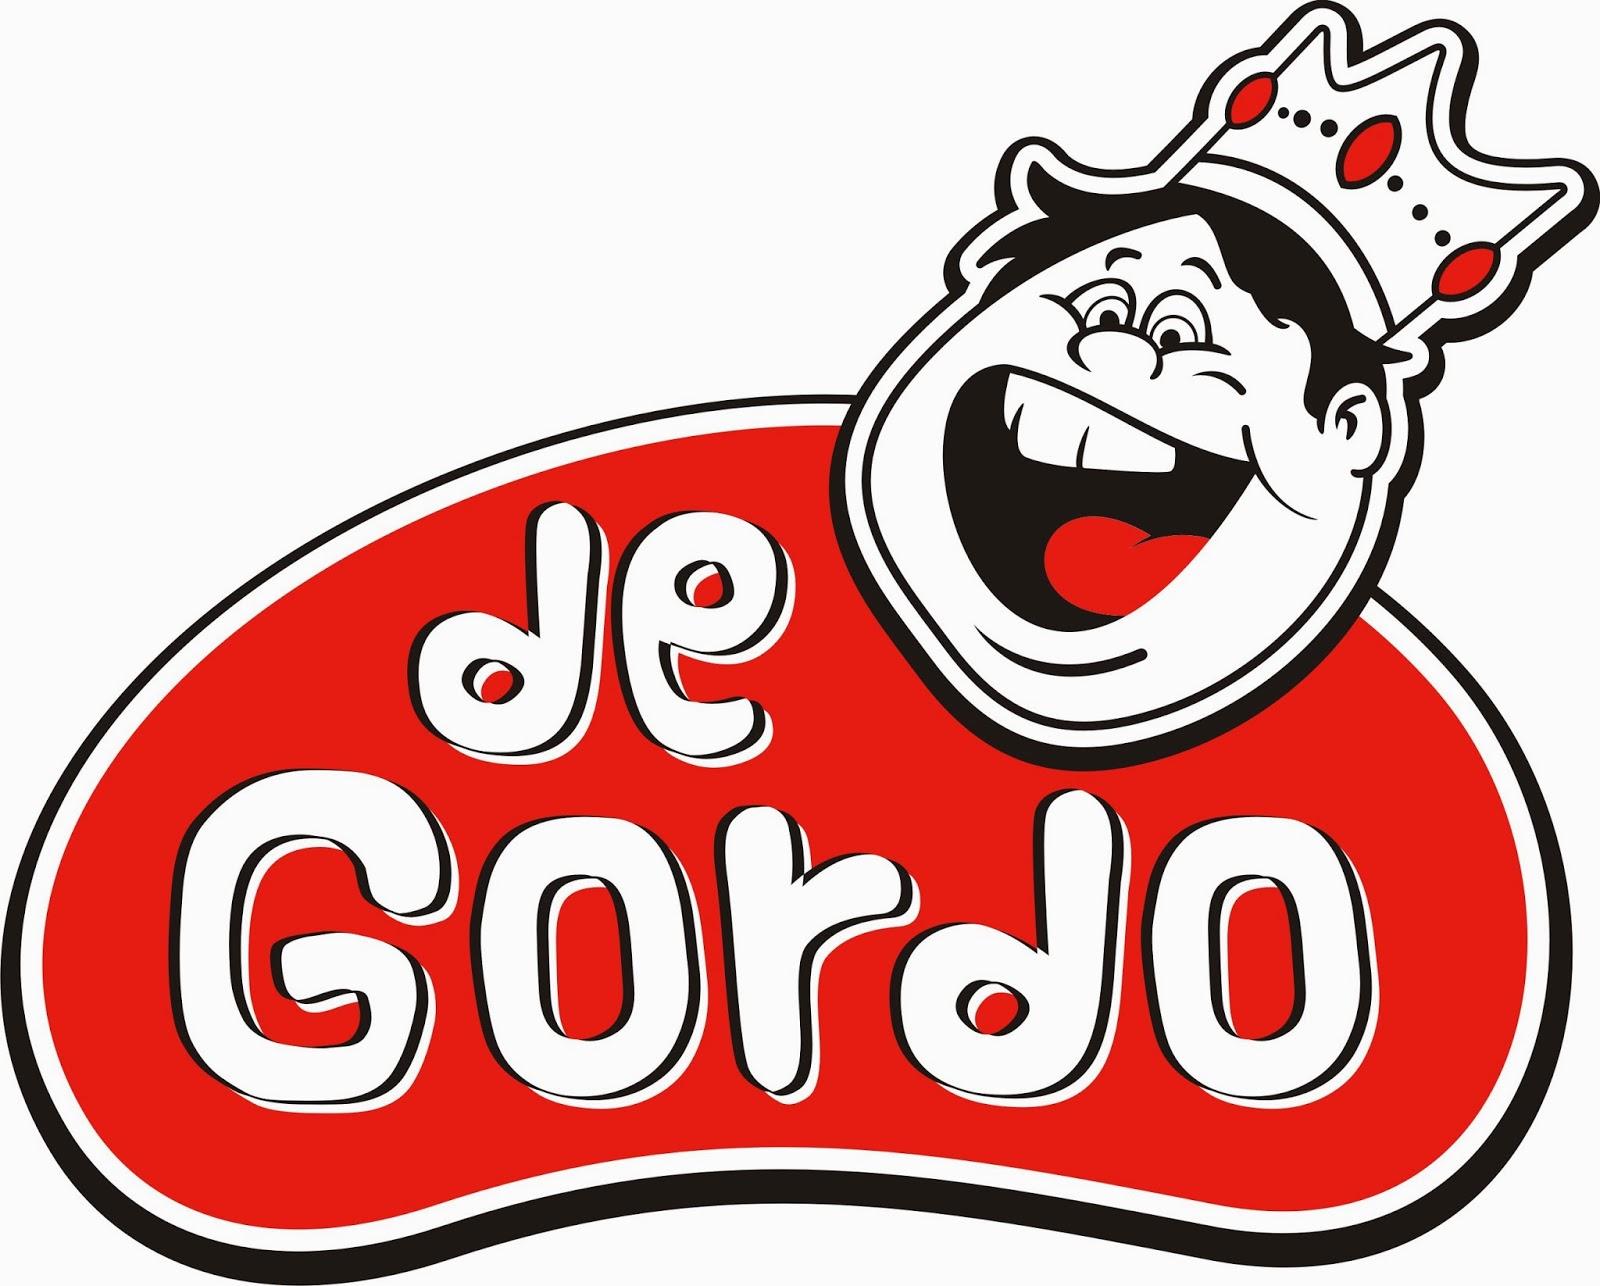 De Gordo Home Of Eatery Welcome